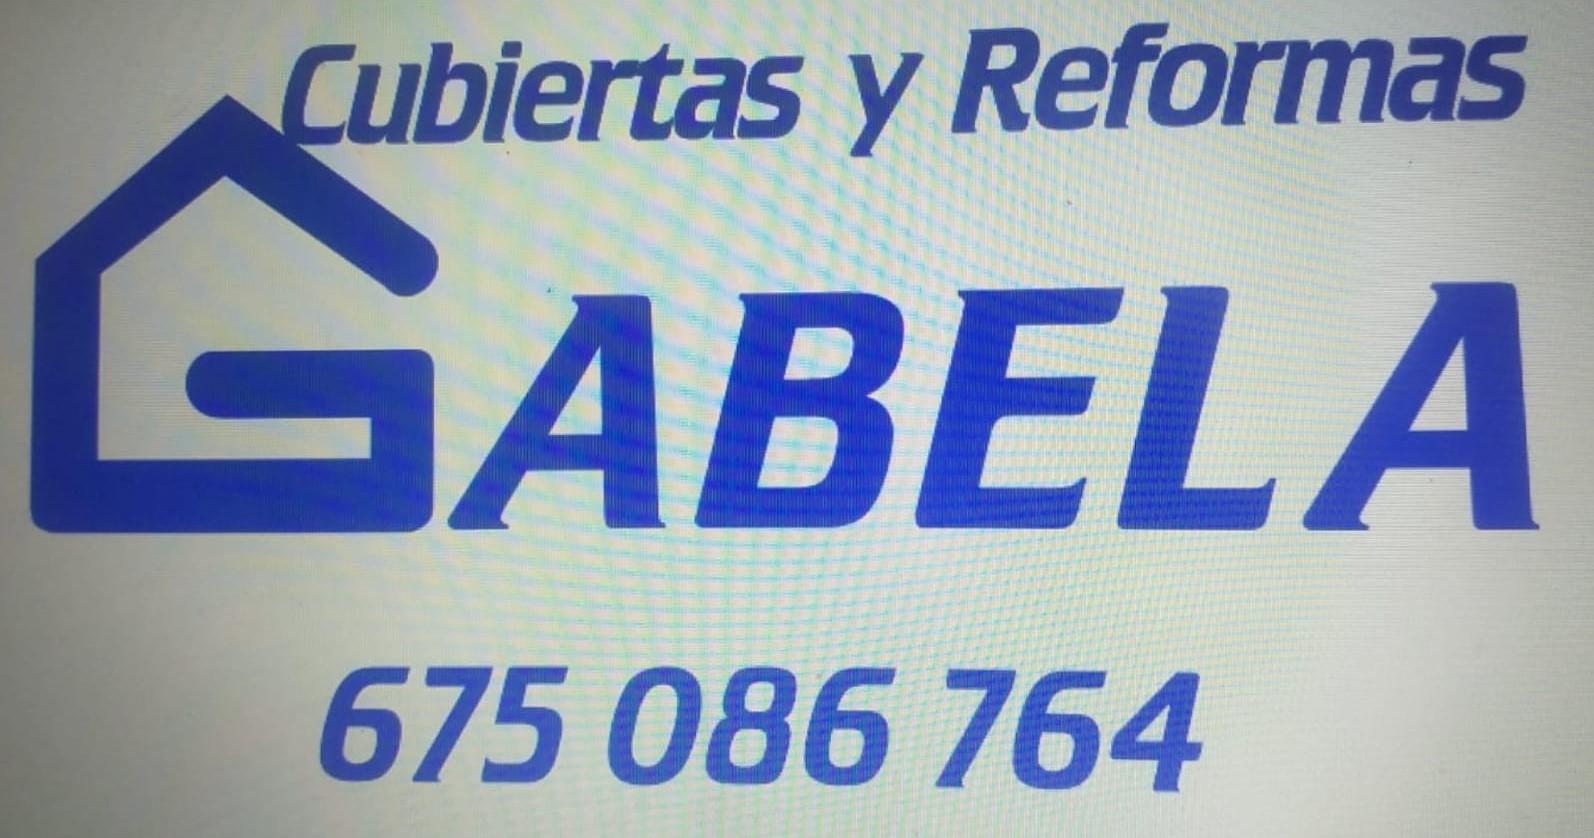 CUBIERTAS Y REFORMAS GABELA